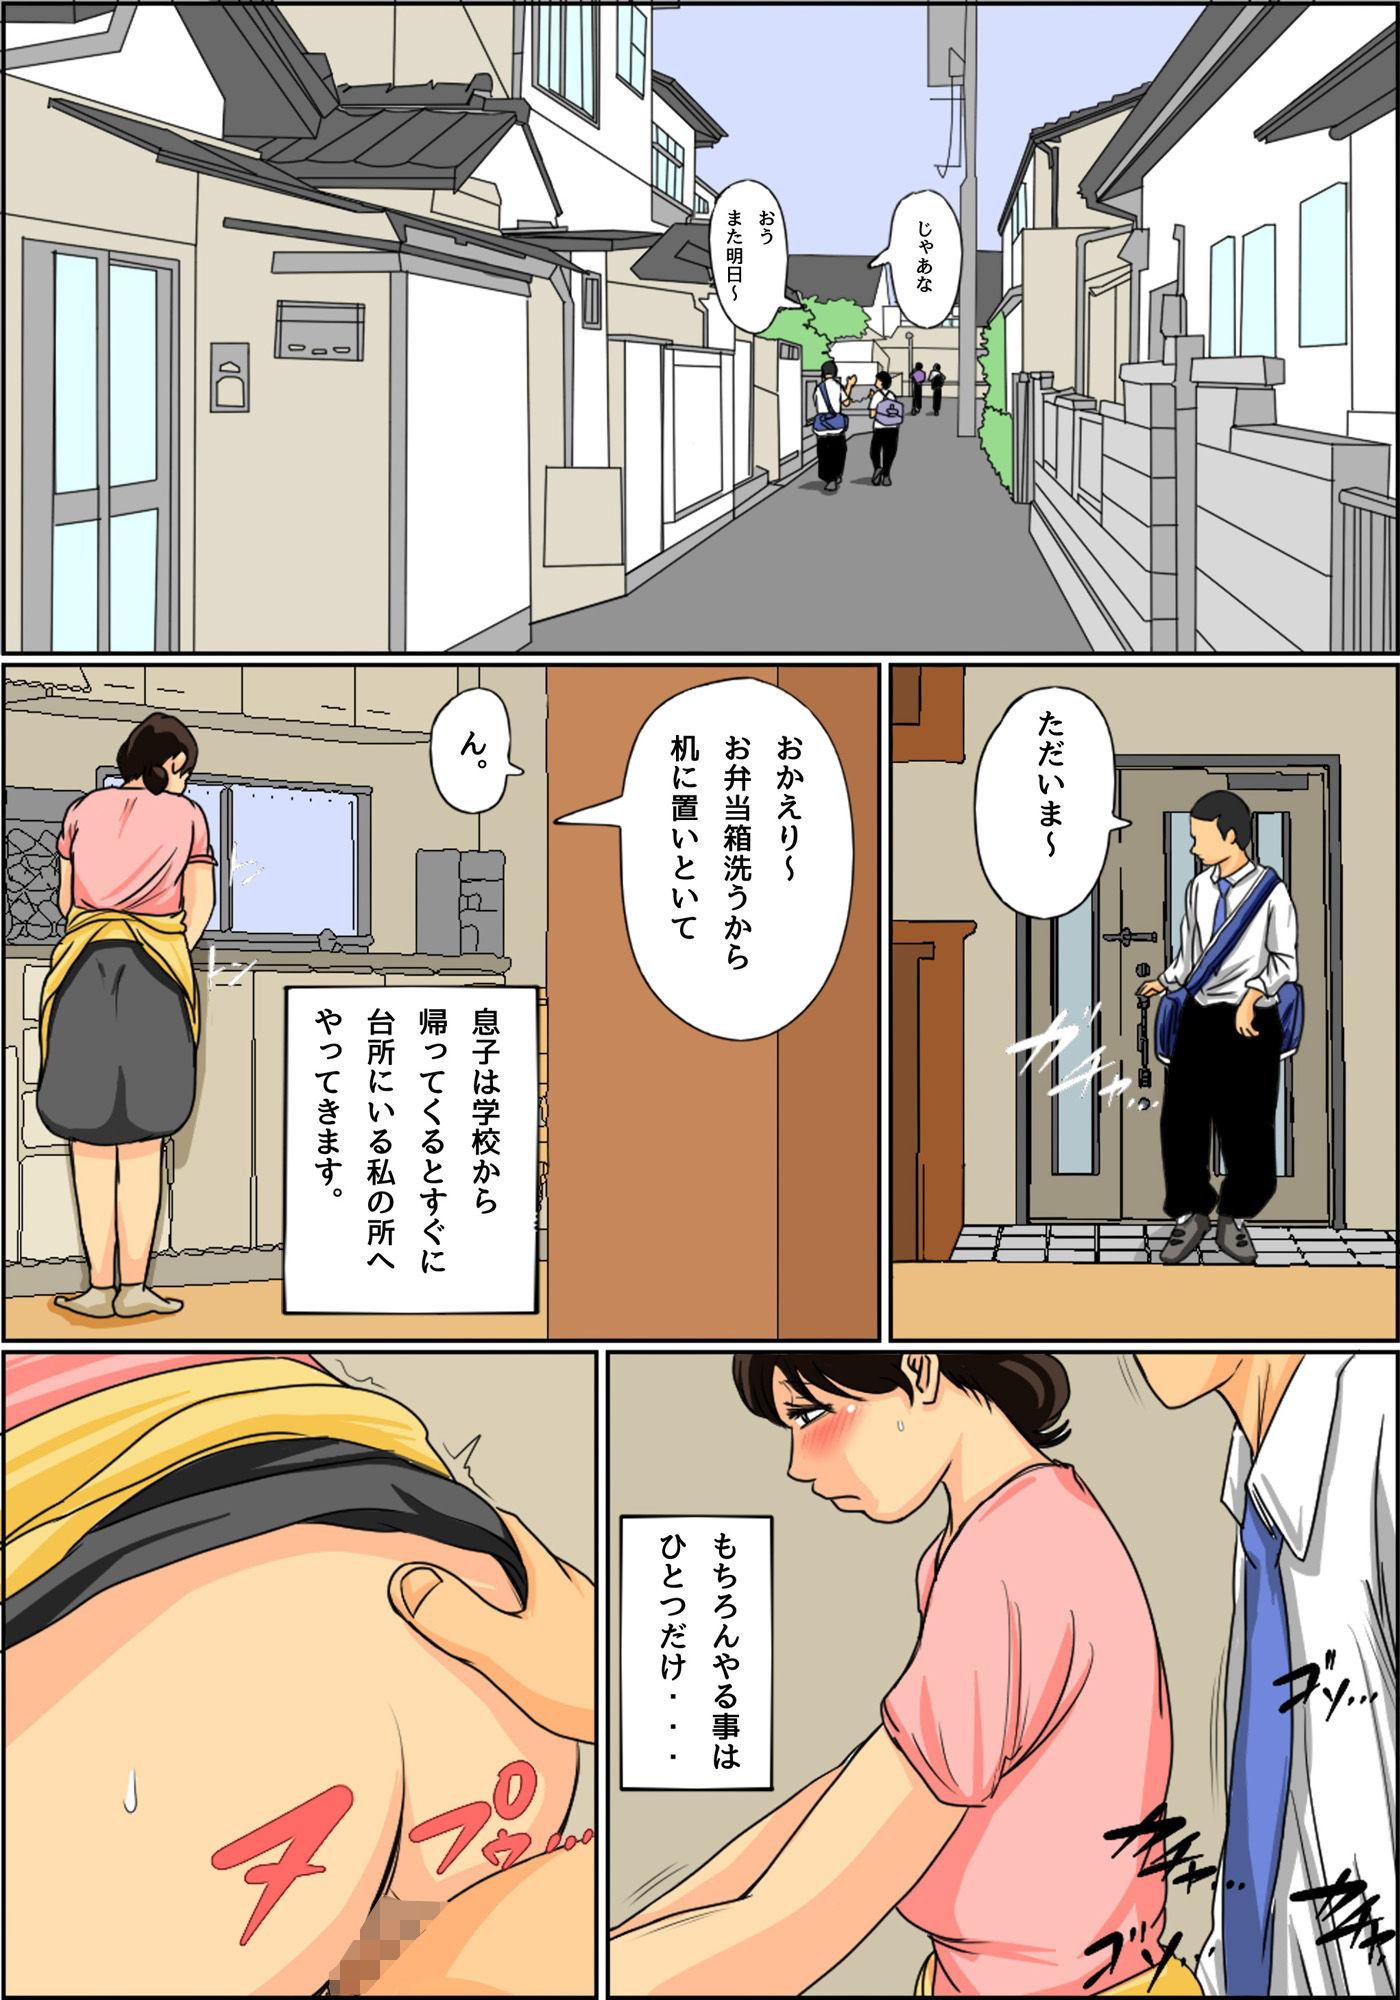 【夏目ベンケイ】日常的にお母さんに出す生活